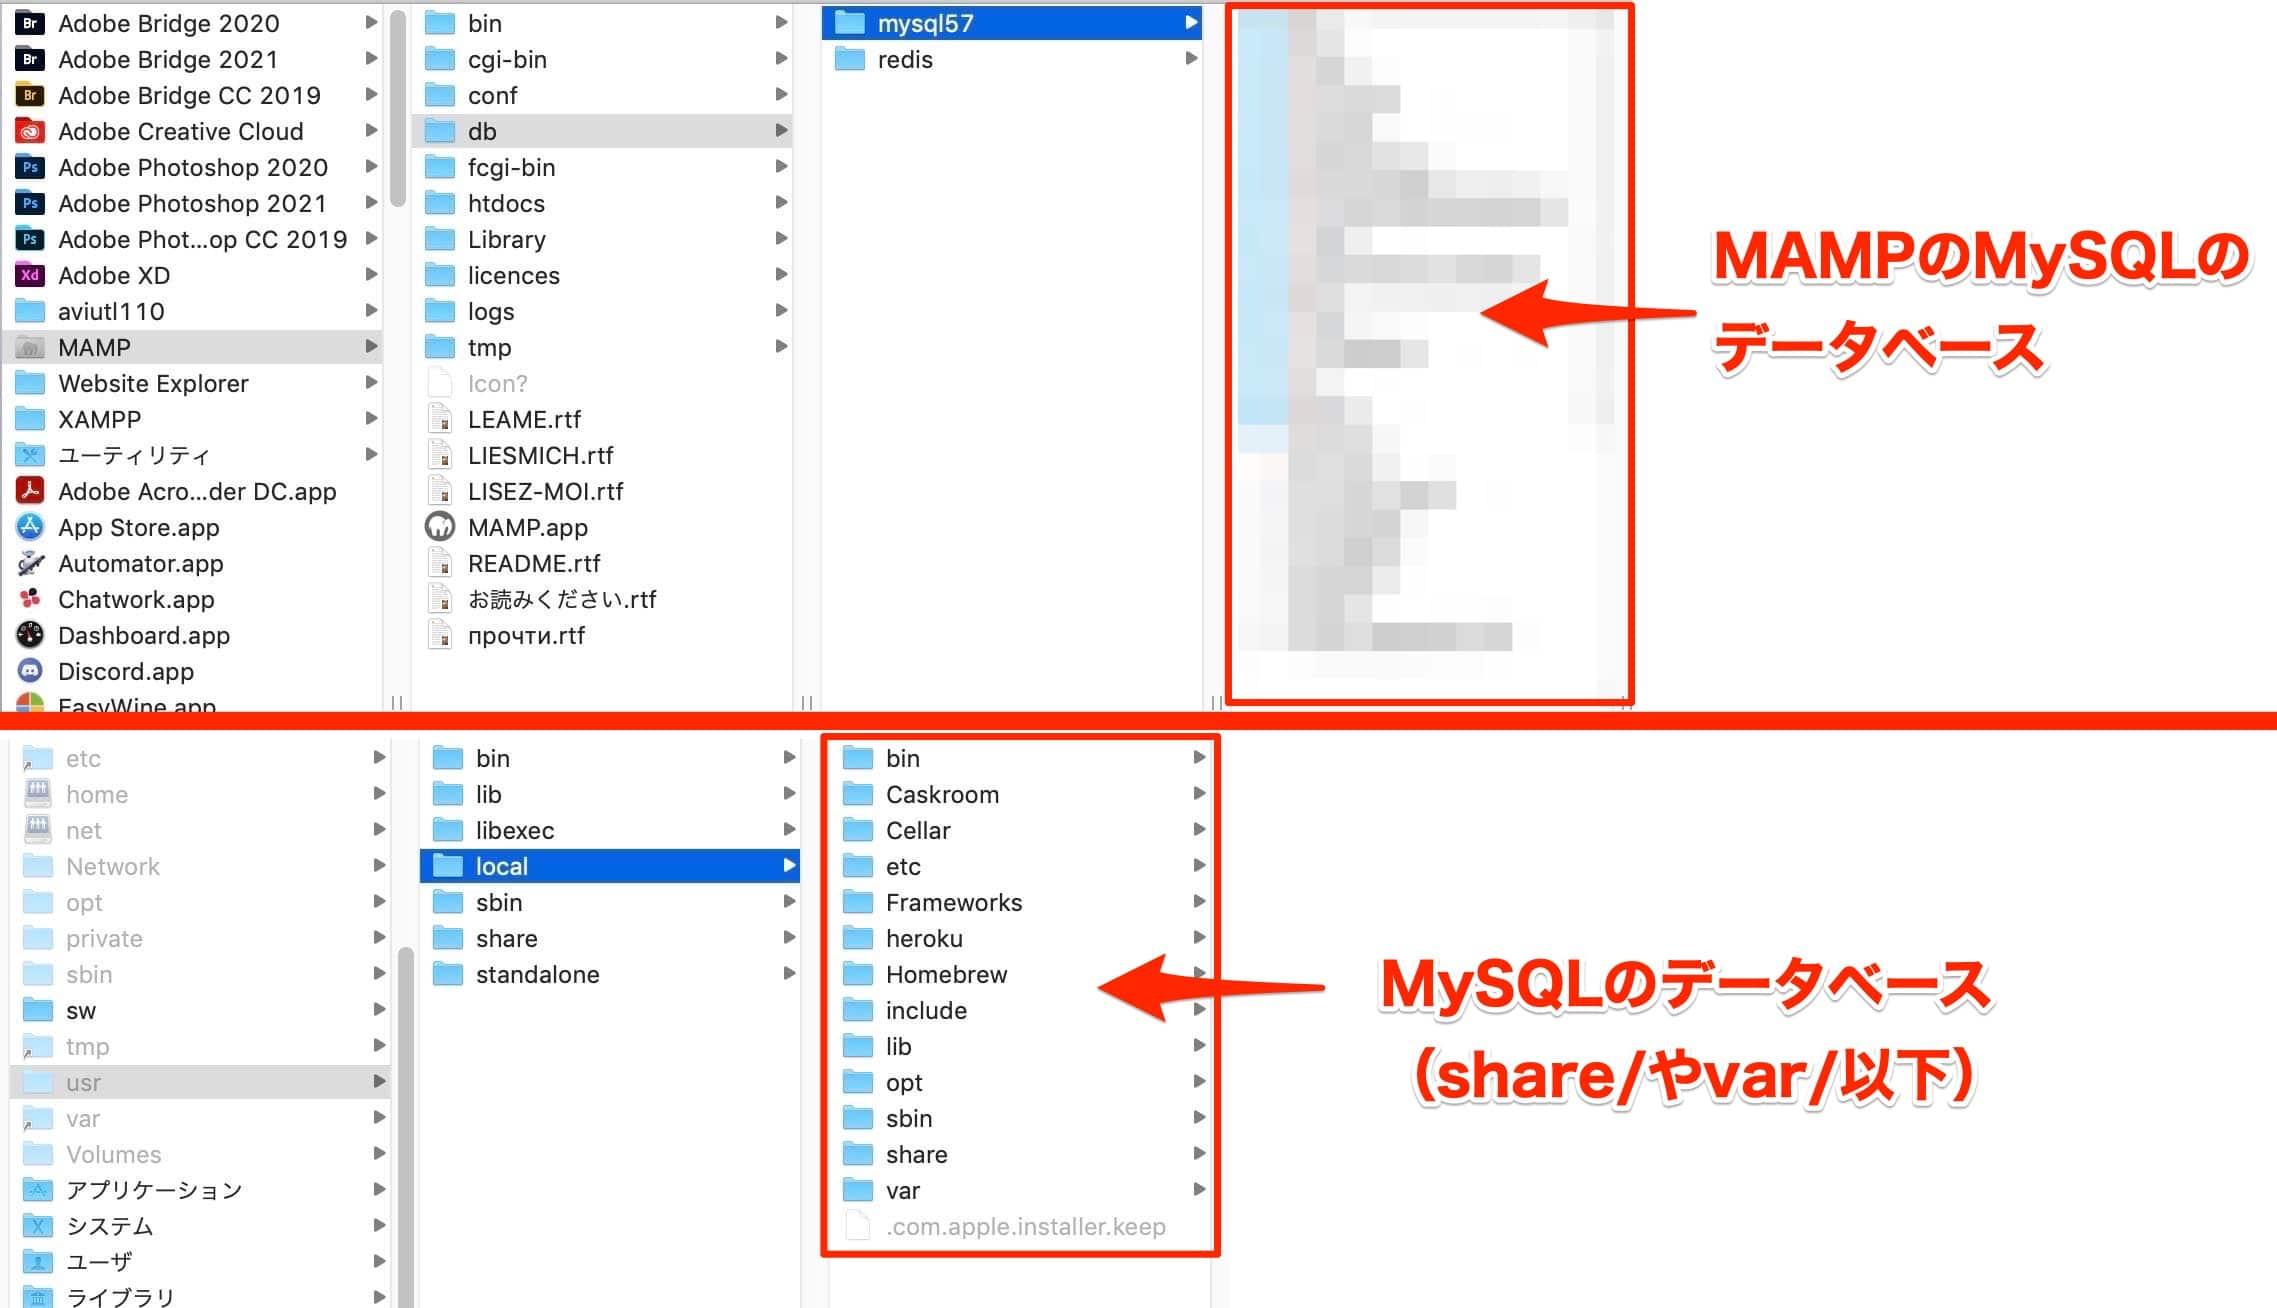 MySQLとMAMPのMySQLのディレクトリ